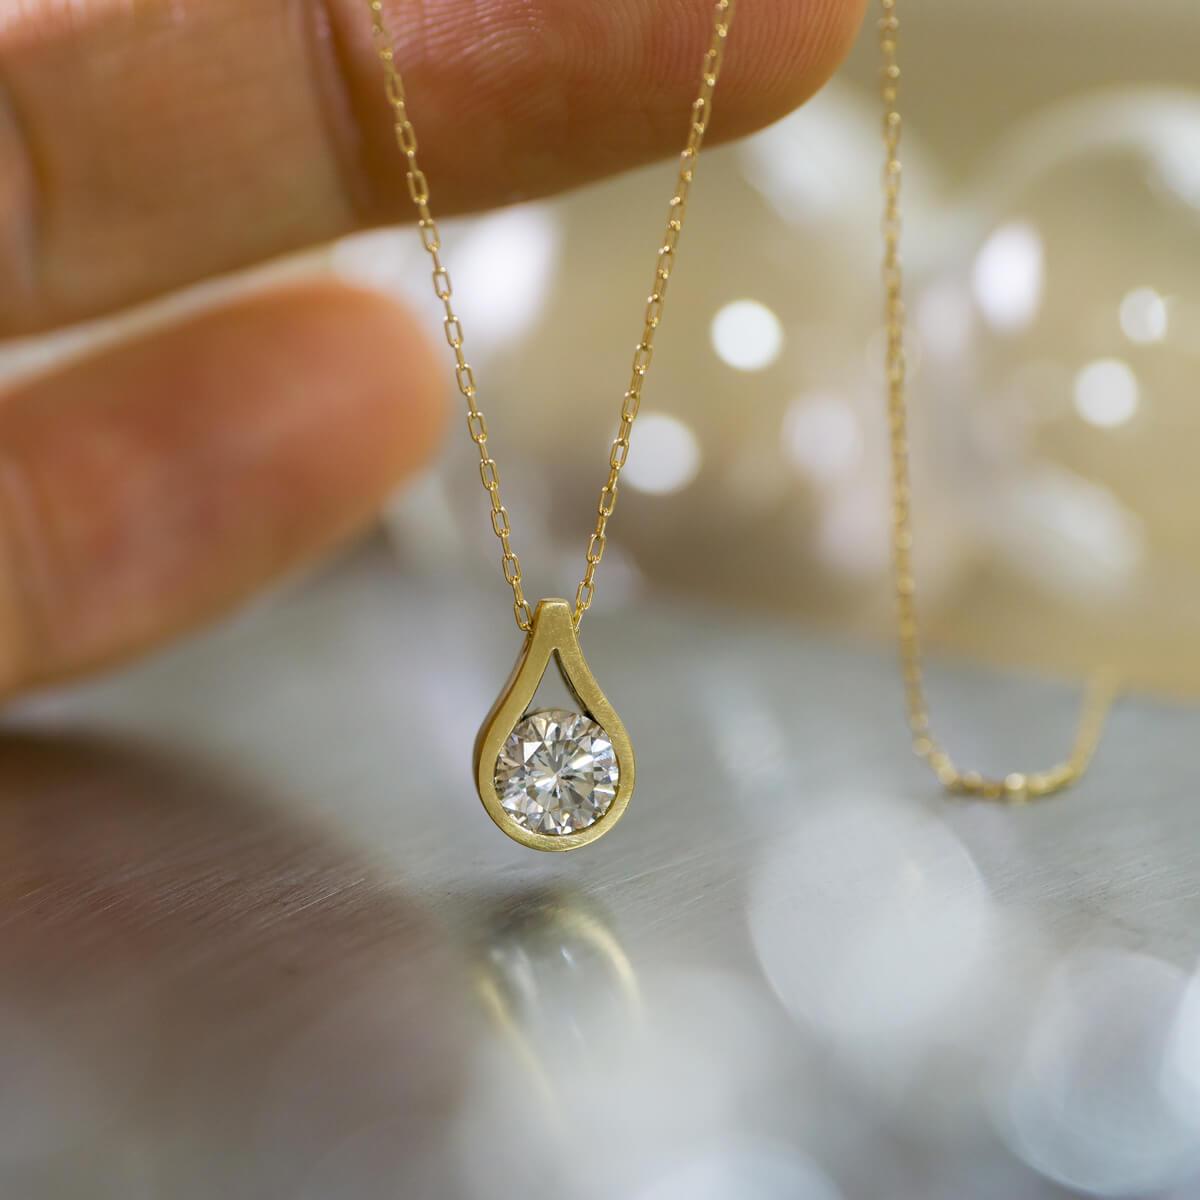 正面から 屋久島の雨モチーフ しずく型のネックレス ジェリーのアトリエ ゴールド、ダイヤモンド オーダーメイドのリメイクジュエリー 屋久島でつくる結婚指輪